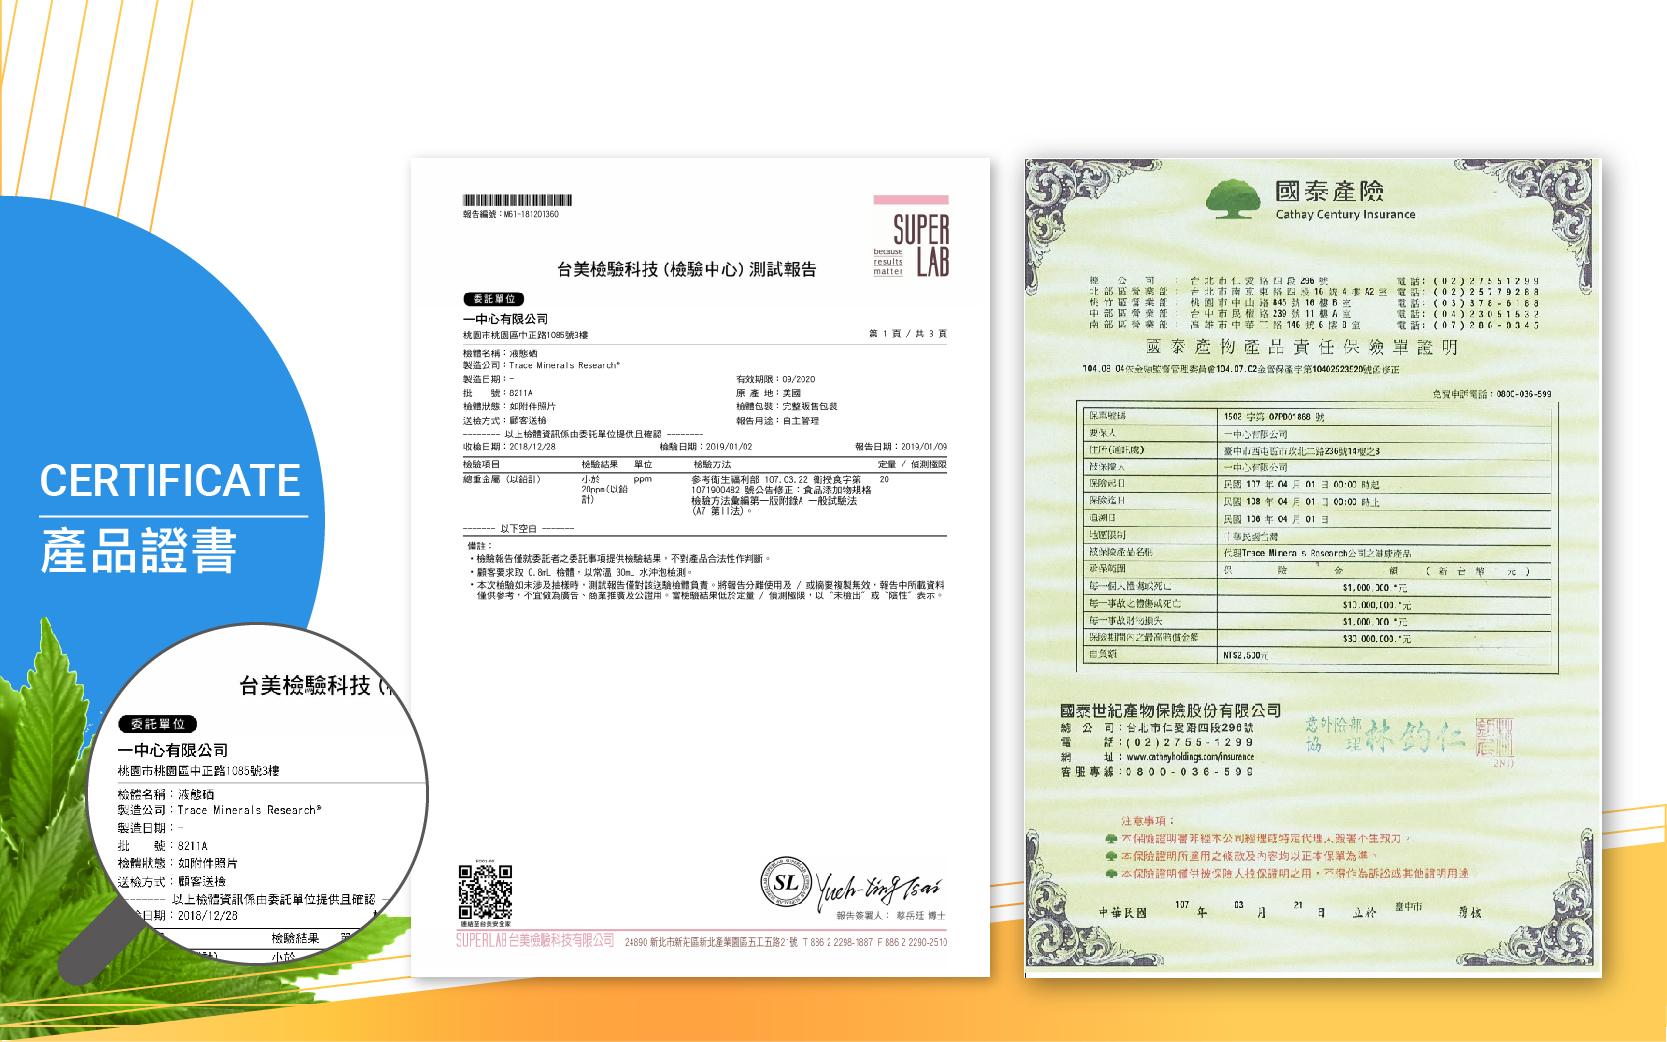 萃思鎂 液態硒-台灣食品安全確認(1)重金屬檢測。(2)三千萬產品責任險。